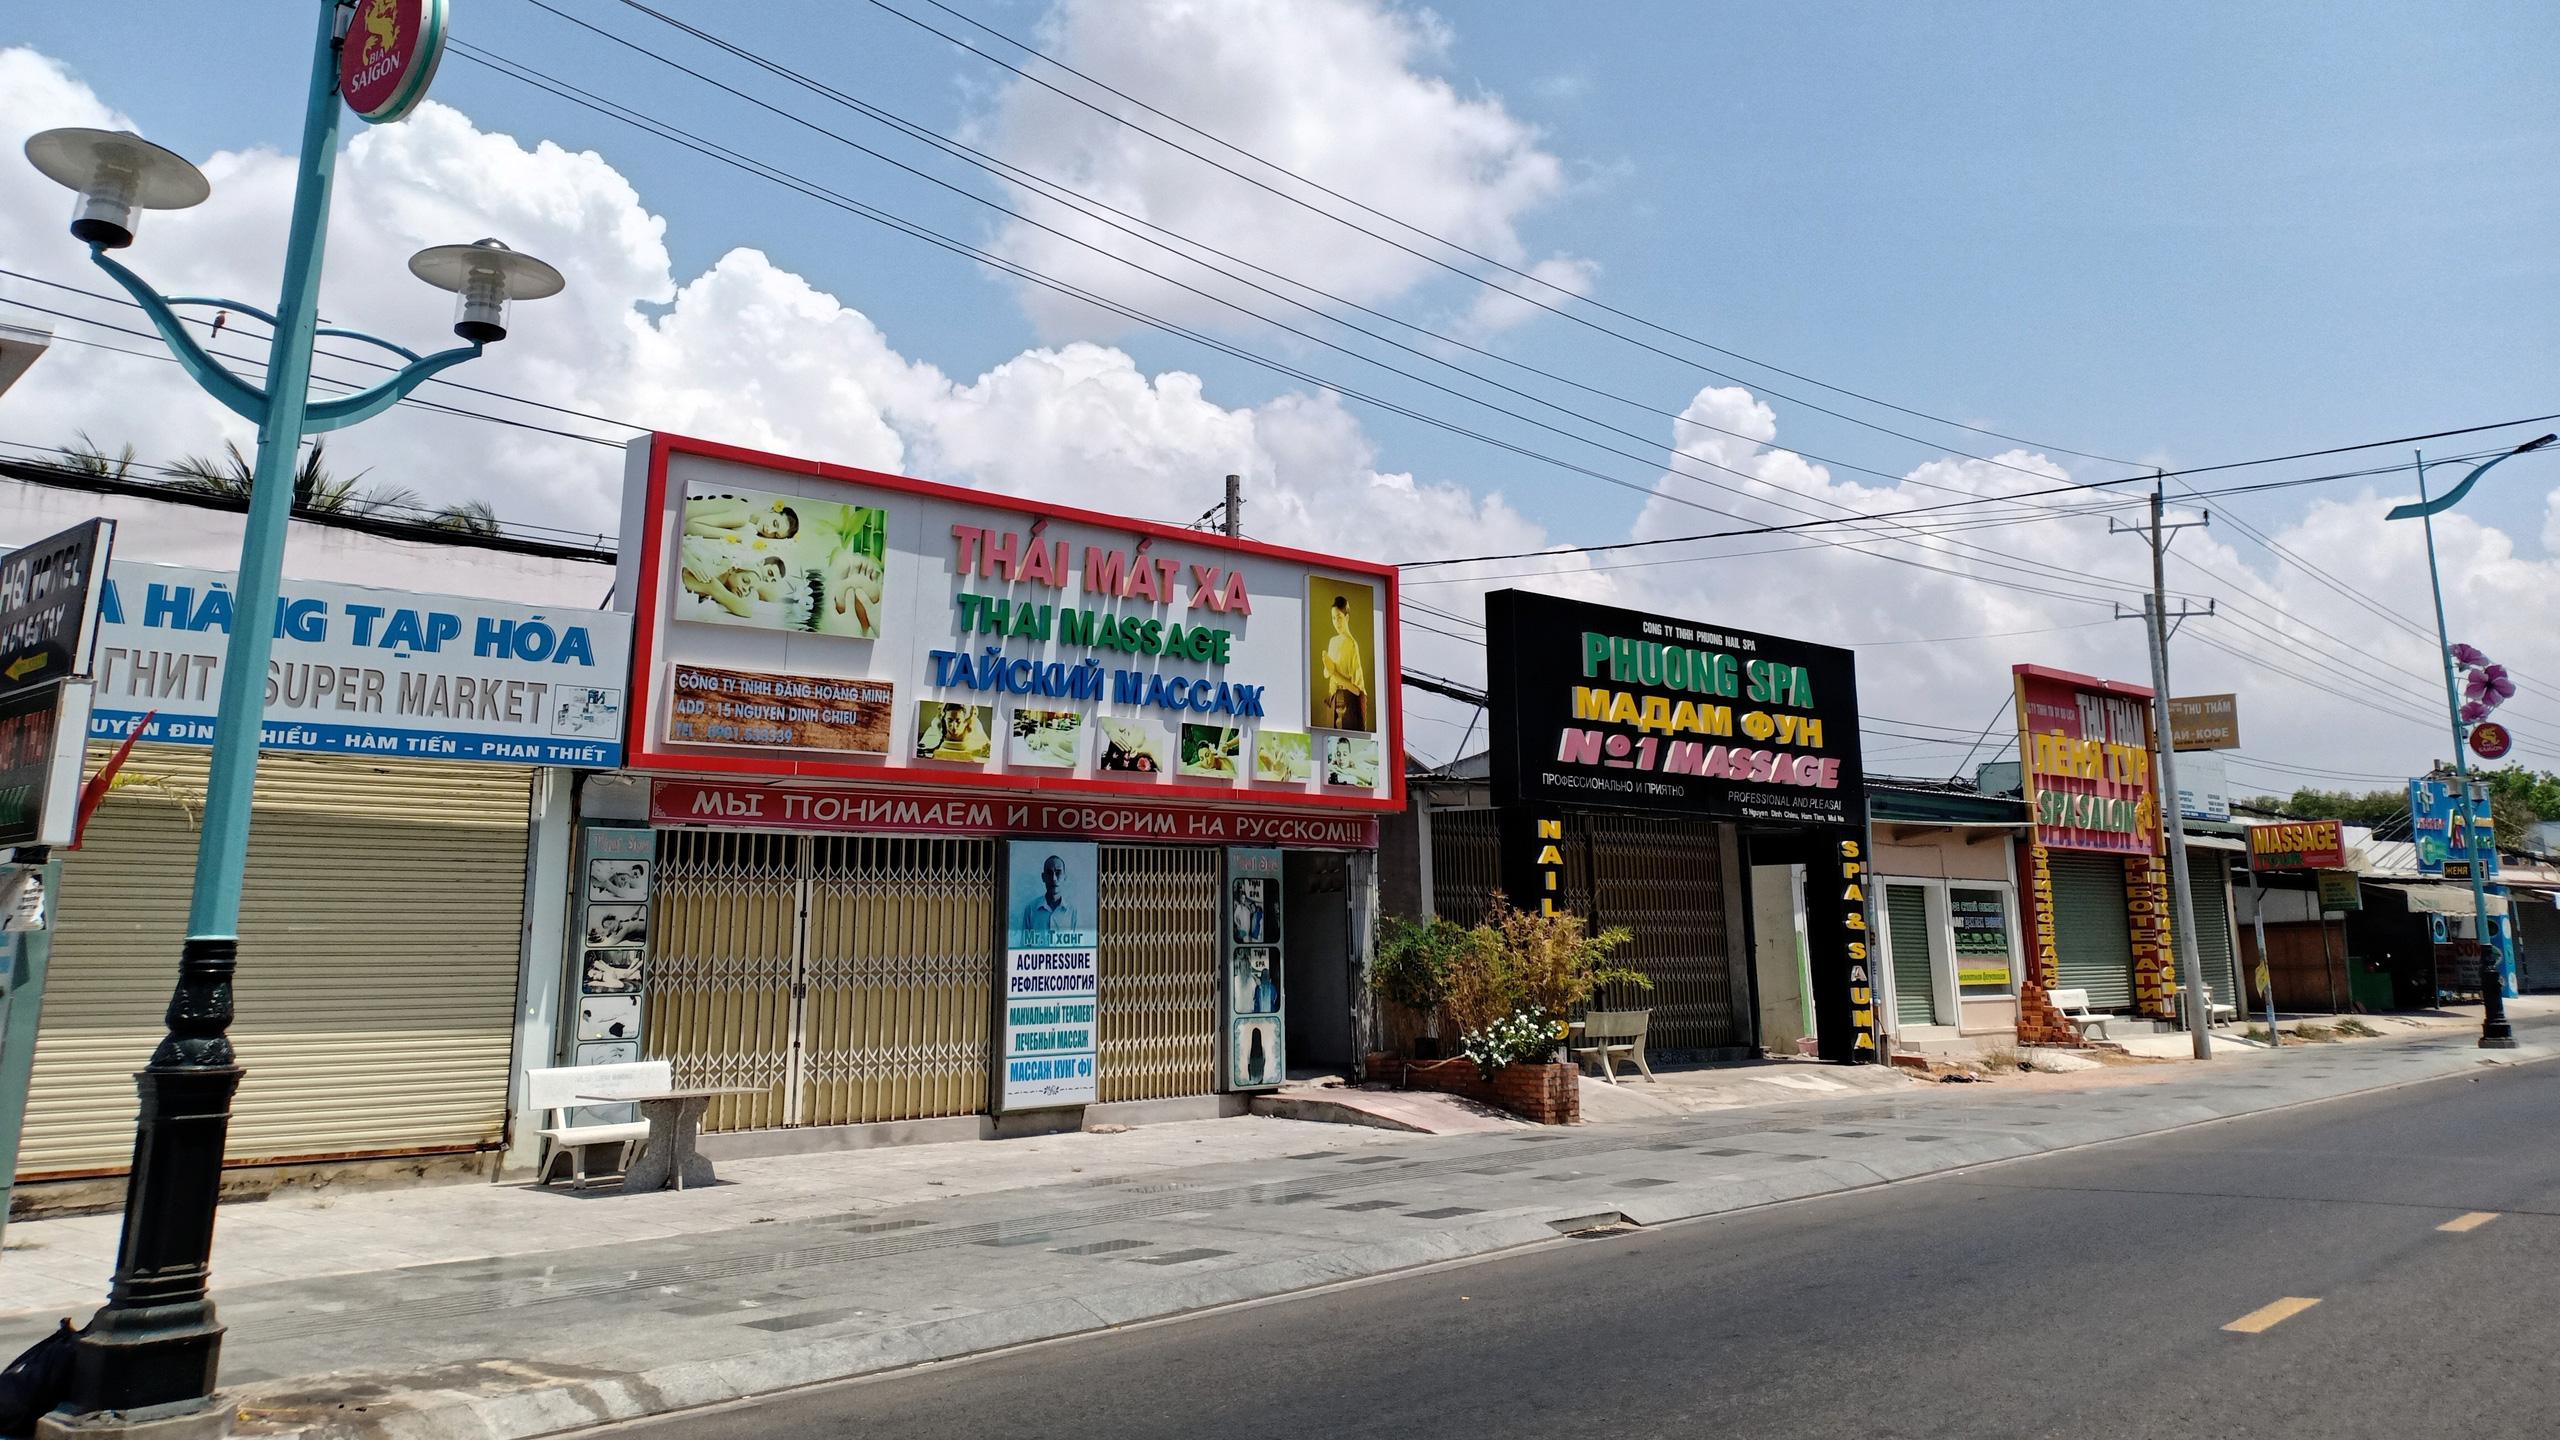 Hàng quán dọc biển Mũi Né đồng loạt 'cửa đóng then cài' - Ảnh 5.